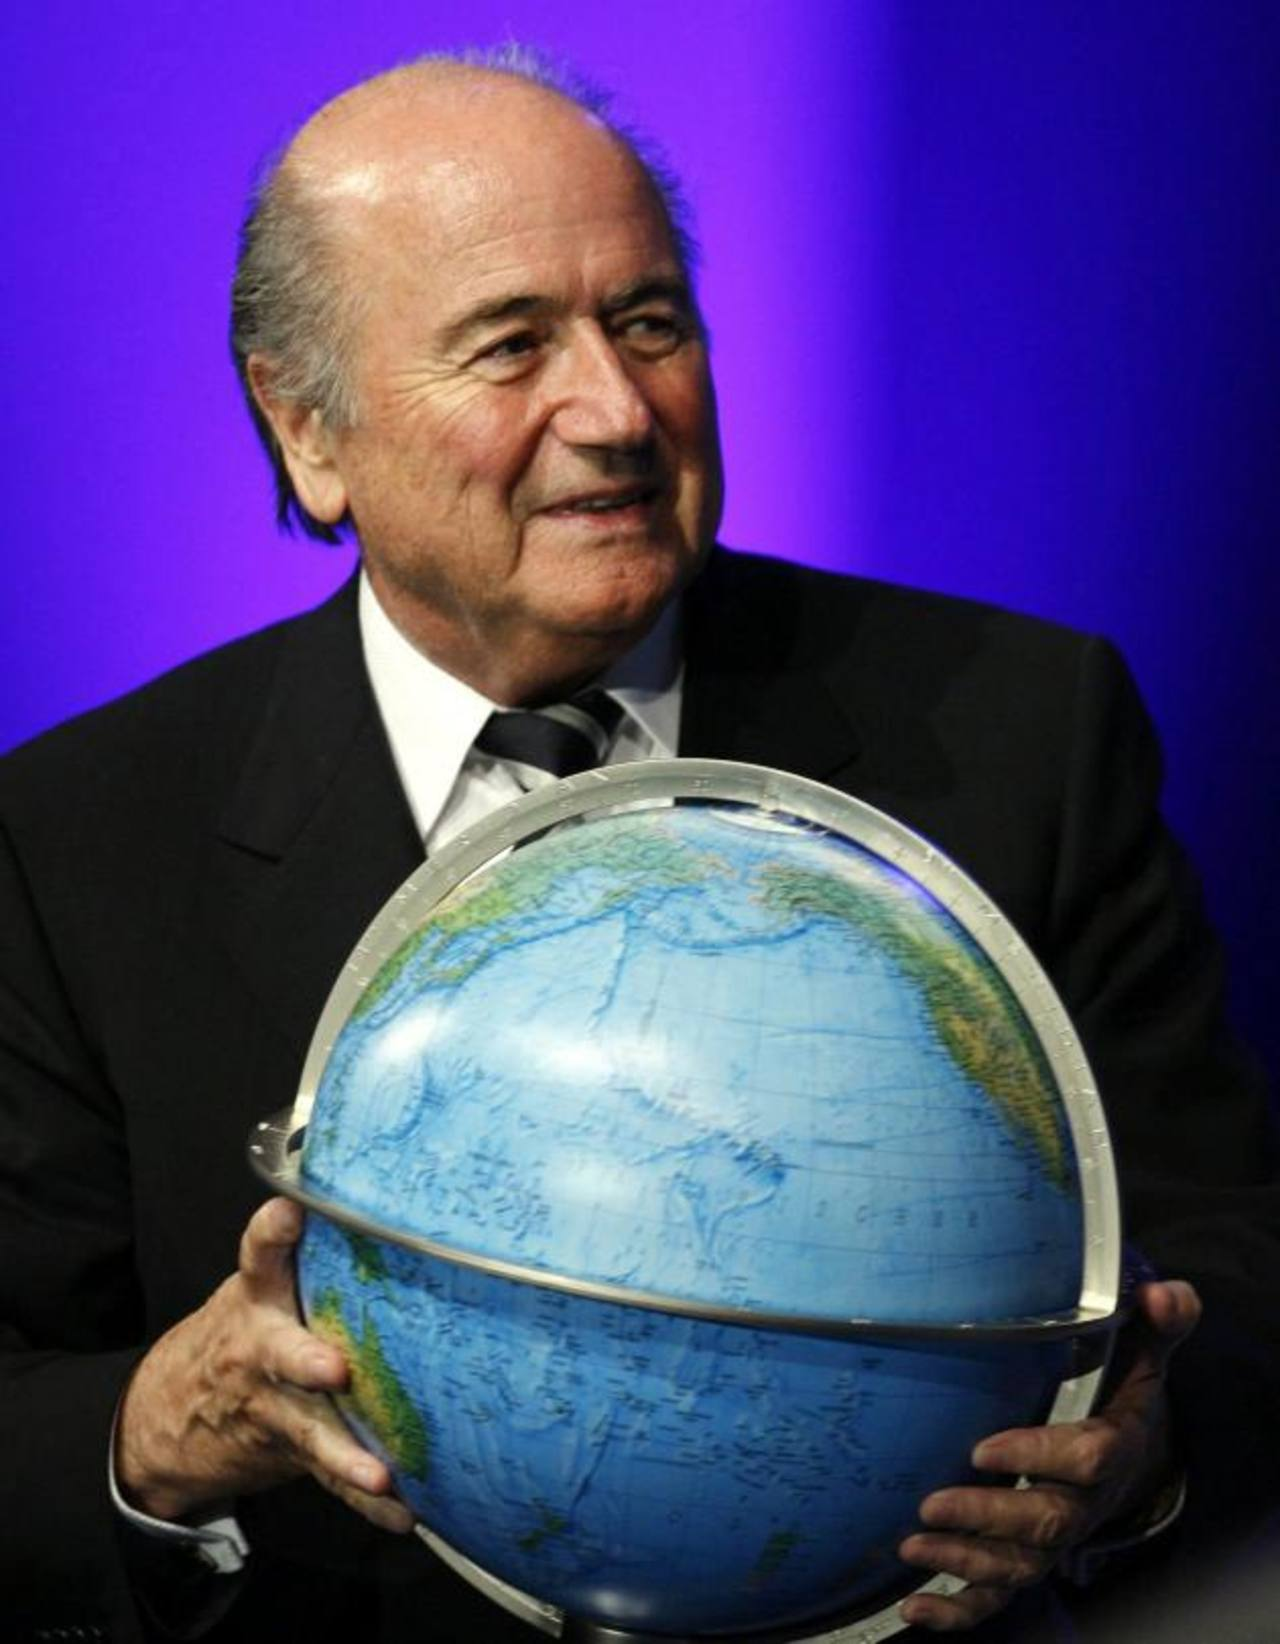 El mundo del fútbol ya no es de Joseph Blatter